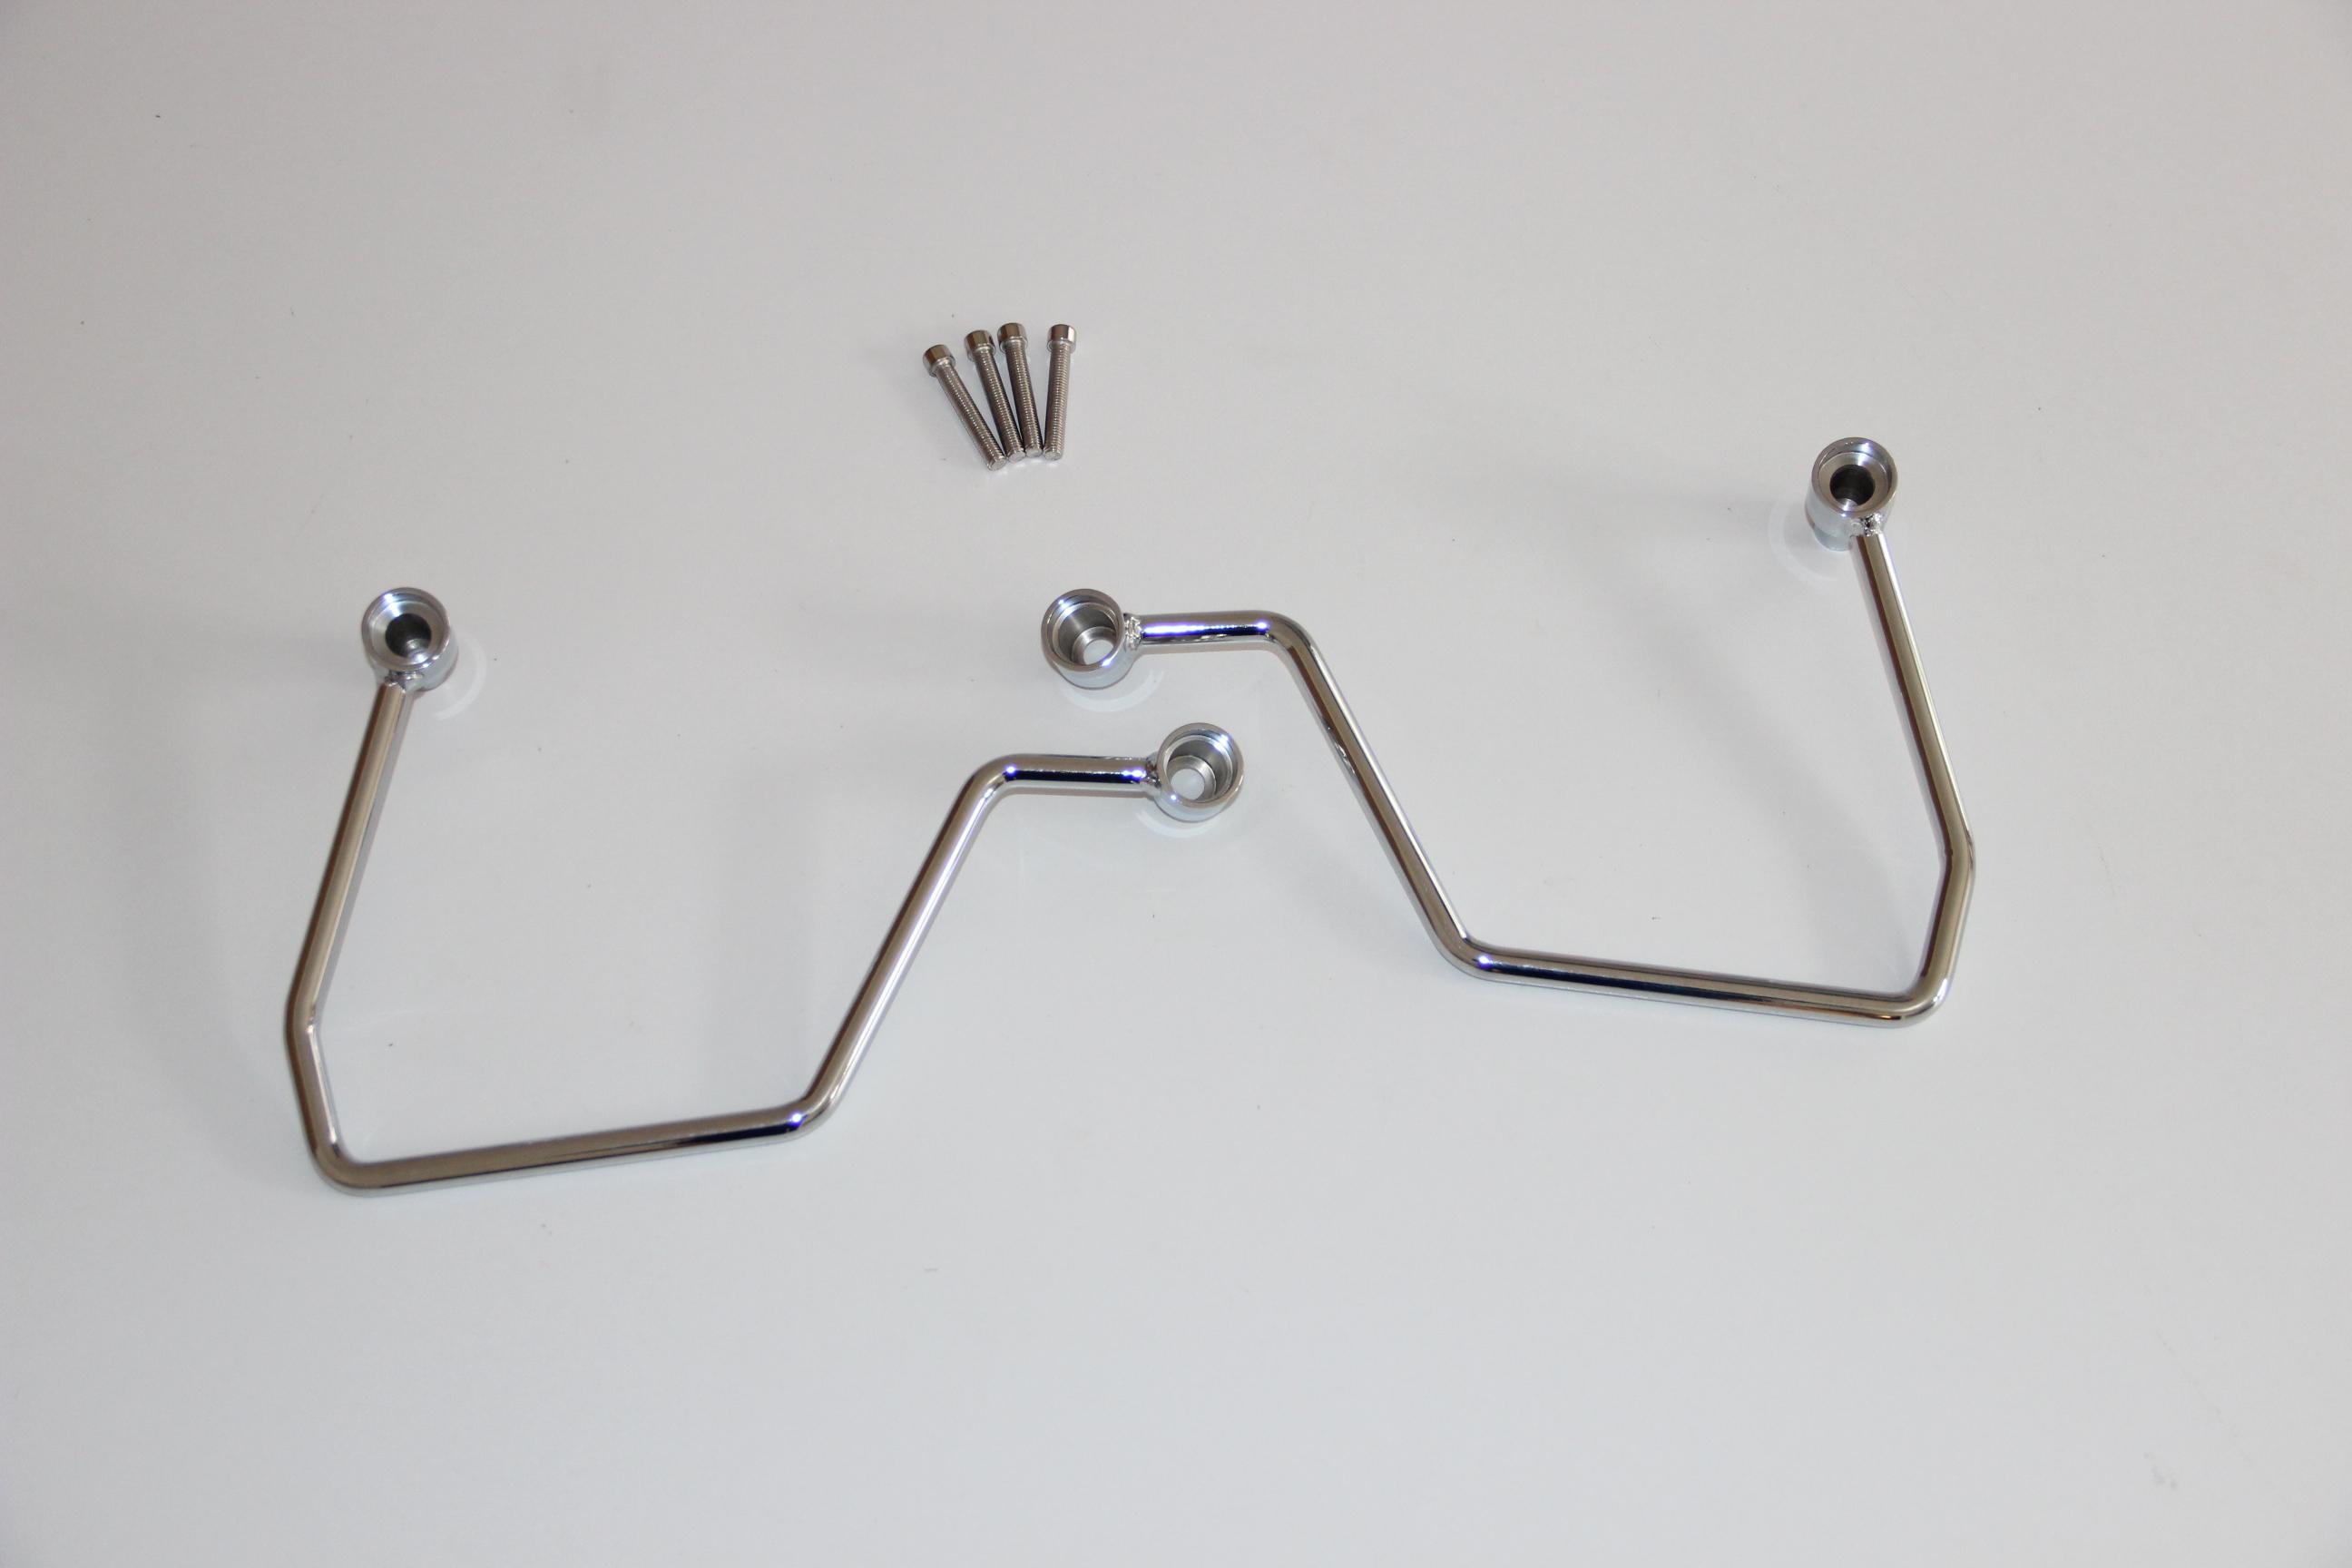 Suzuki VS 1400 VS 800 VS 750 VS 600 Intruder držák - podpěry pod brašny